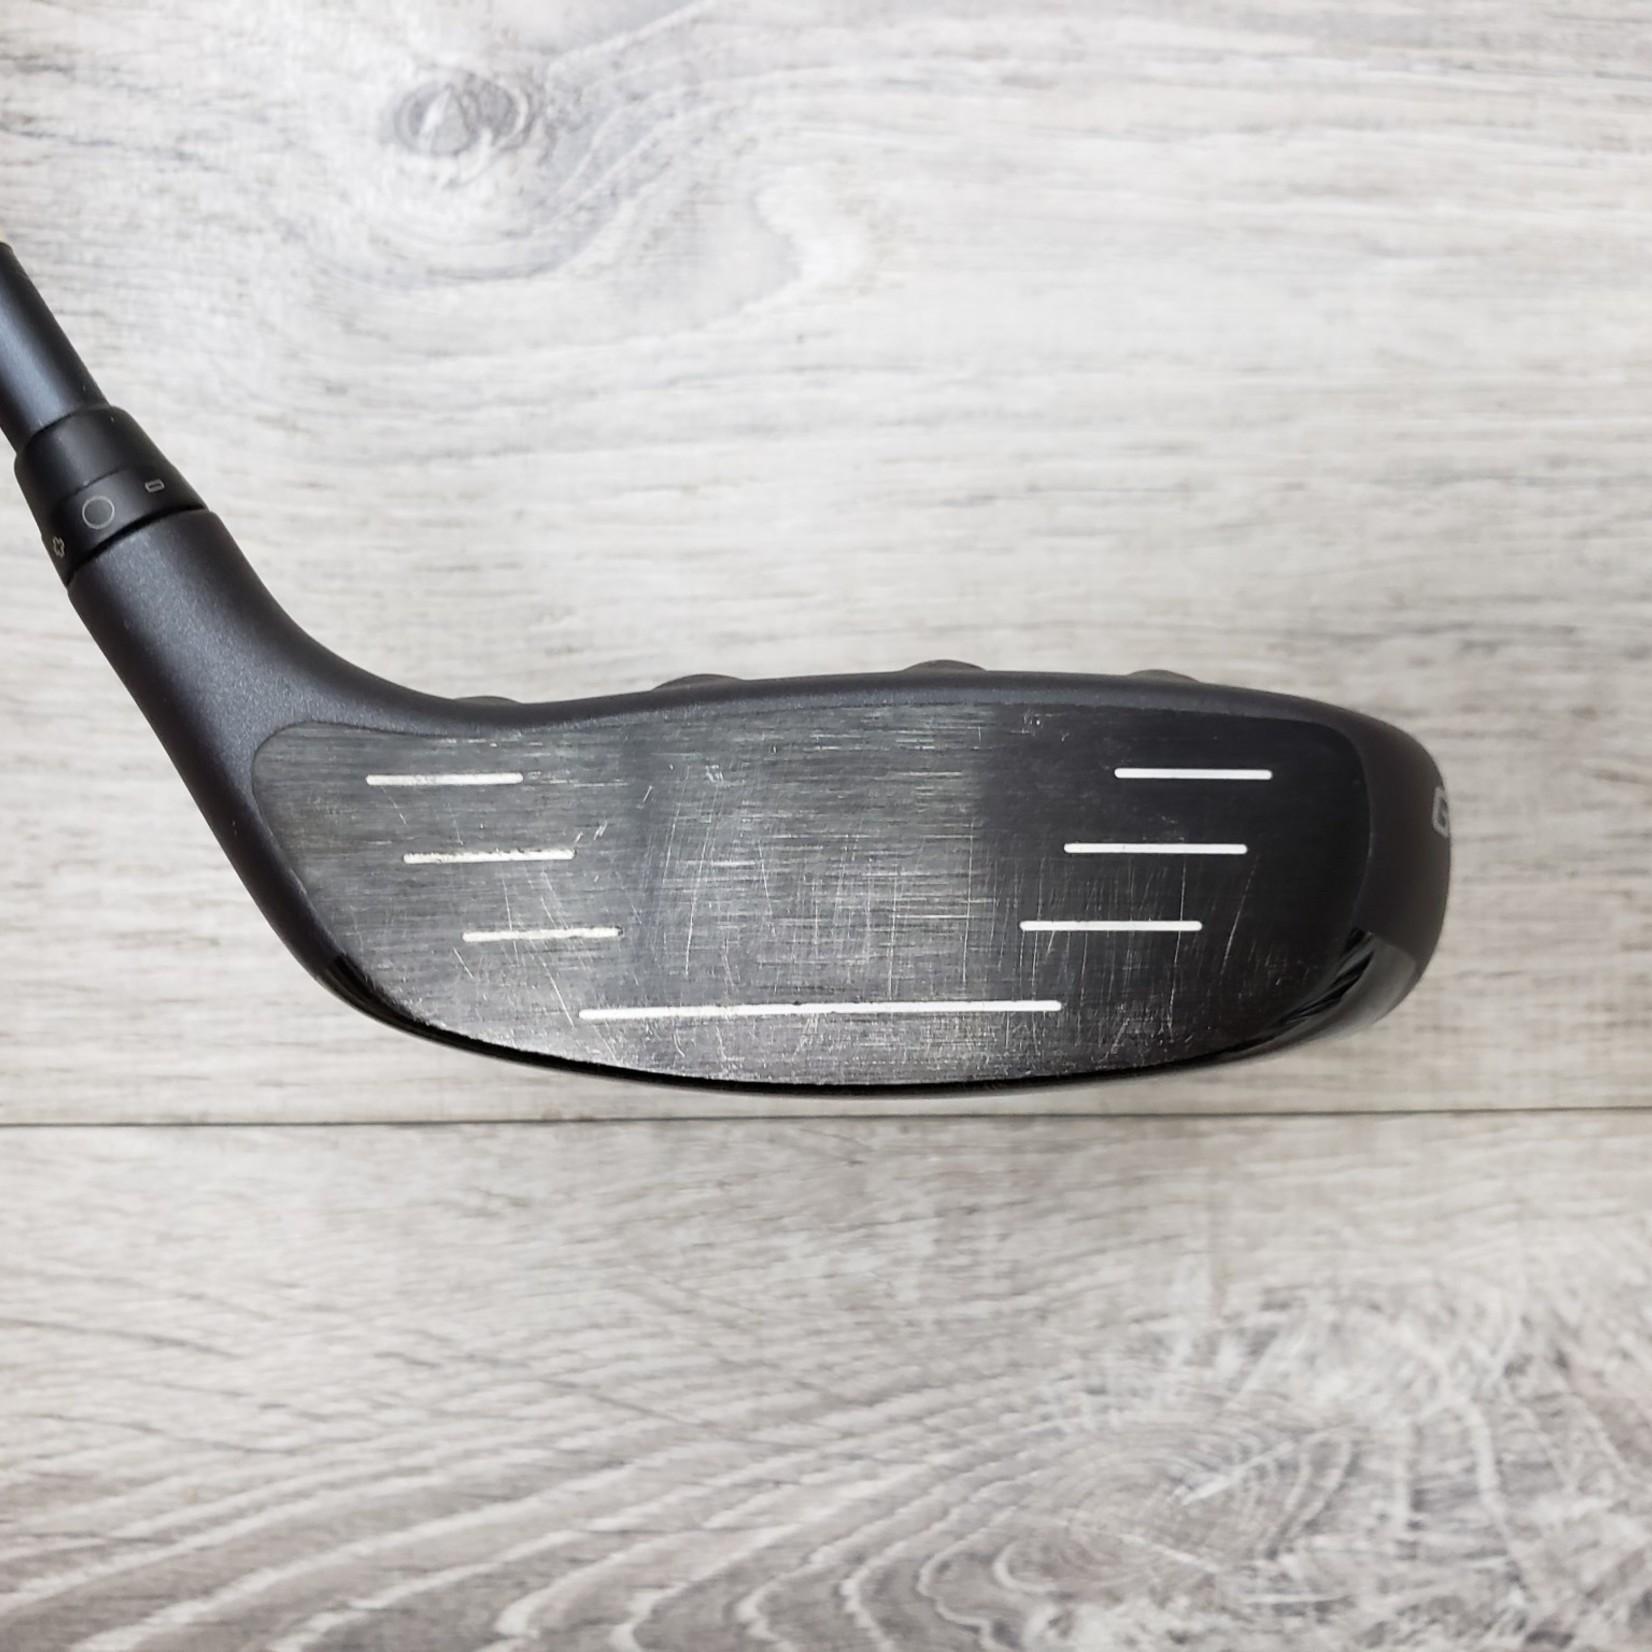 PING PING G410 3 Wood Regular Flex (LH)